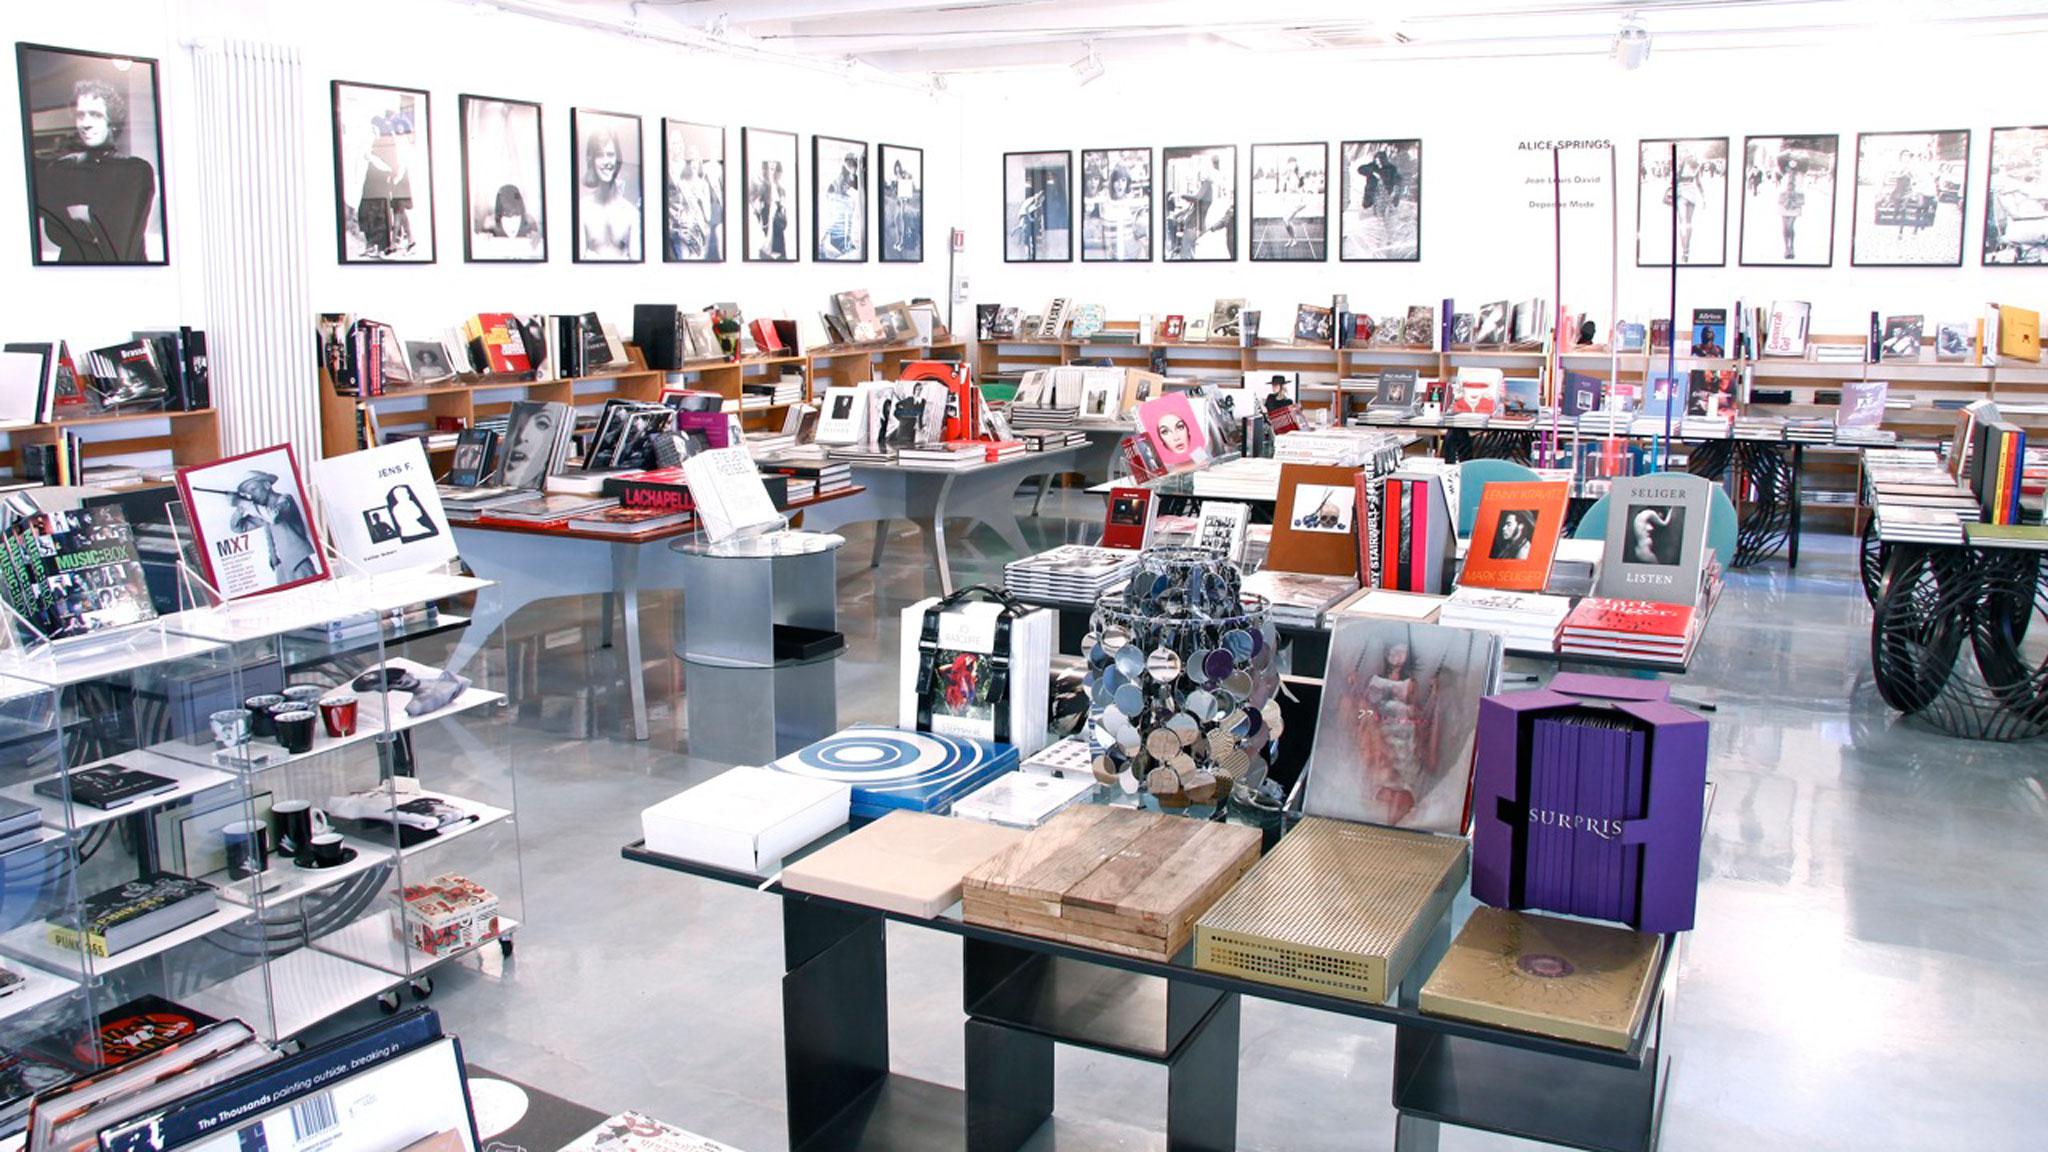 Corso Como Milan Italty Bookstore